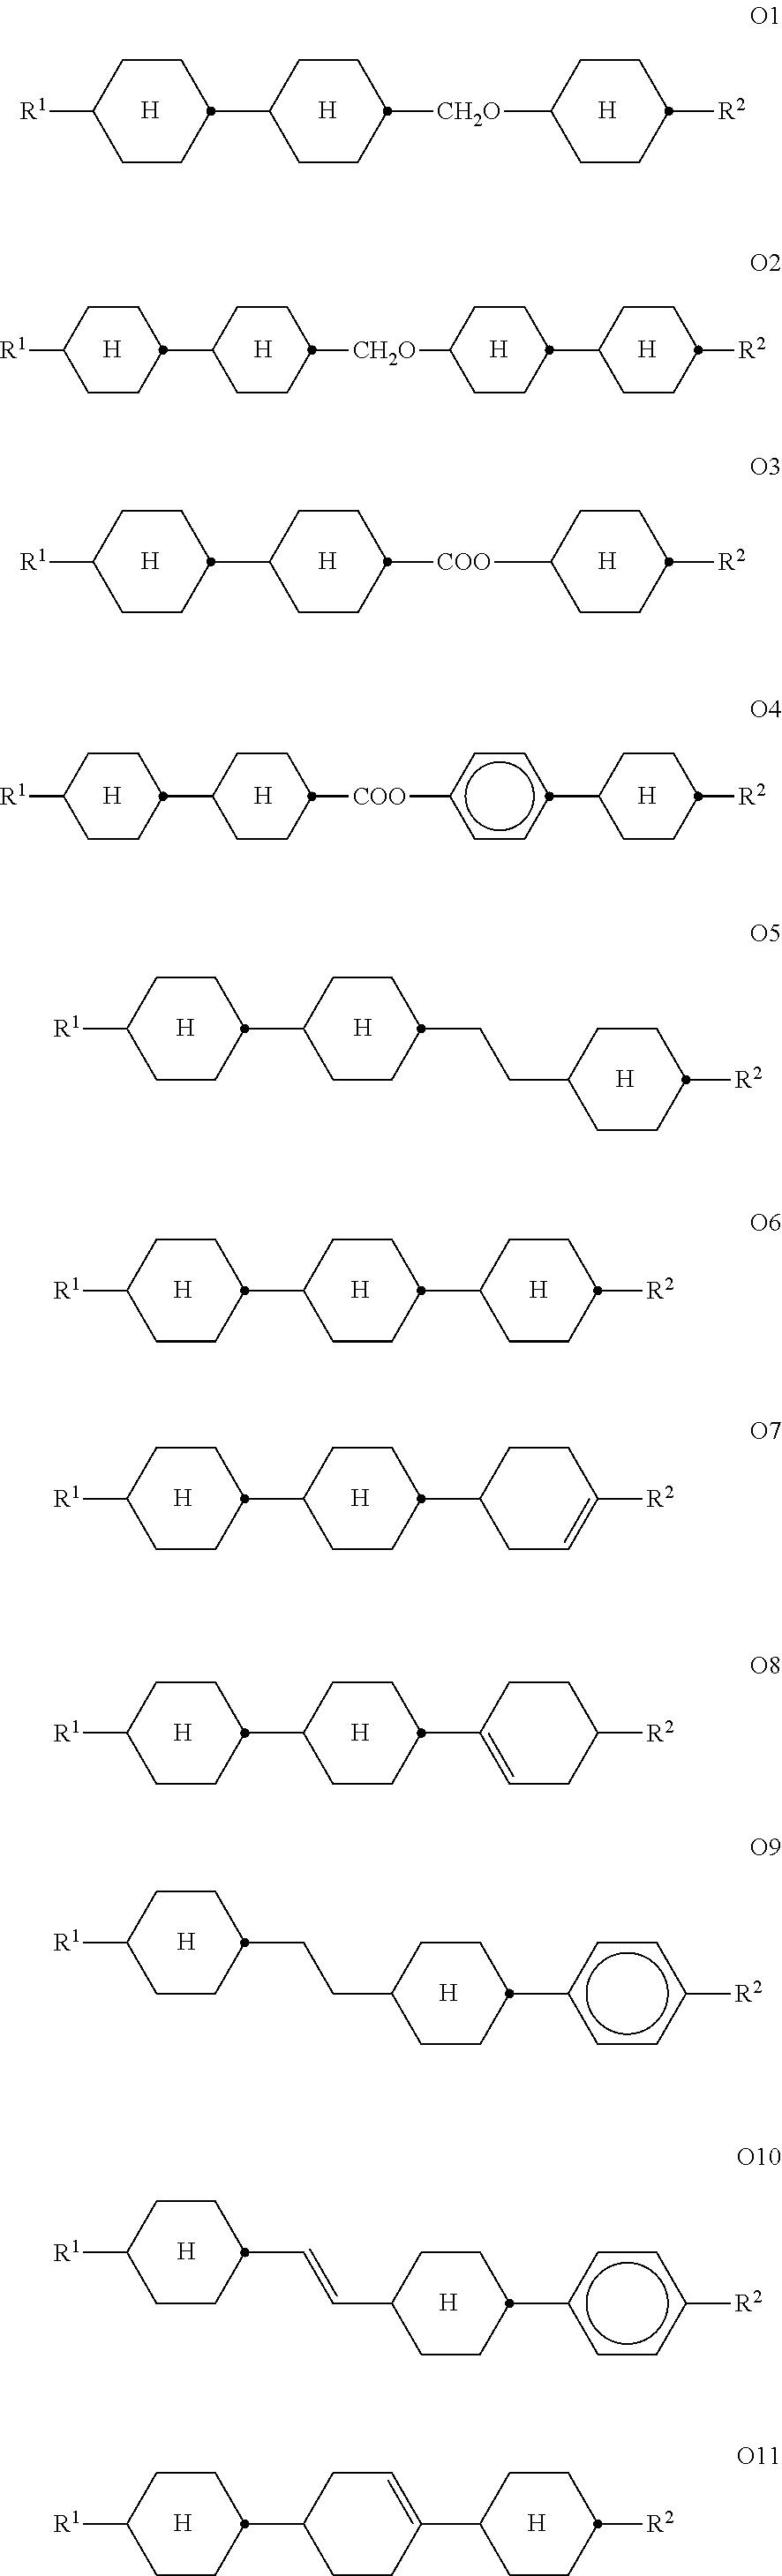 Figure US20100304049A1-20101202-C00051